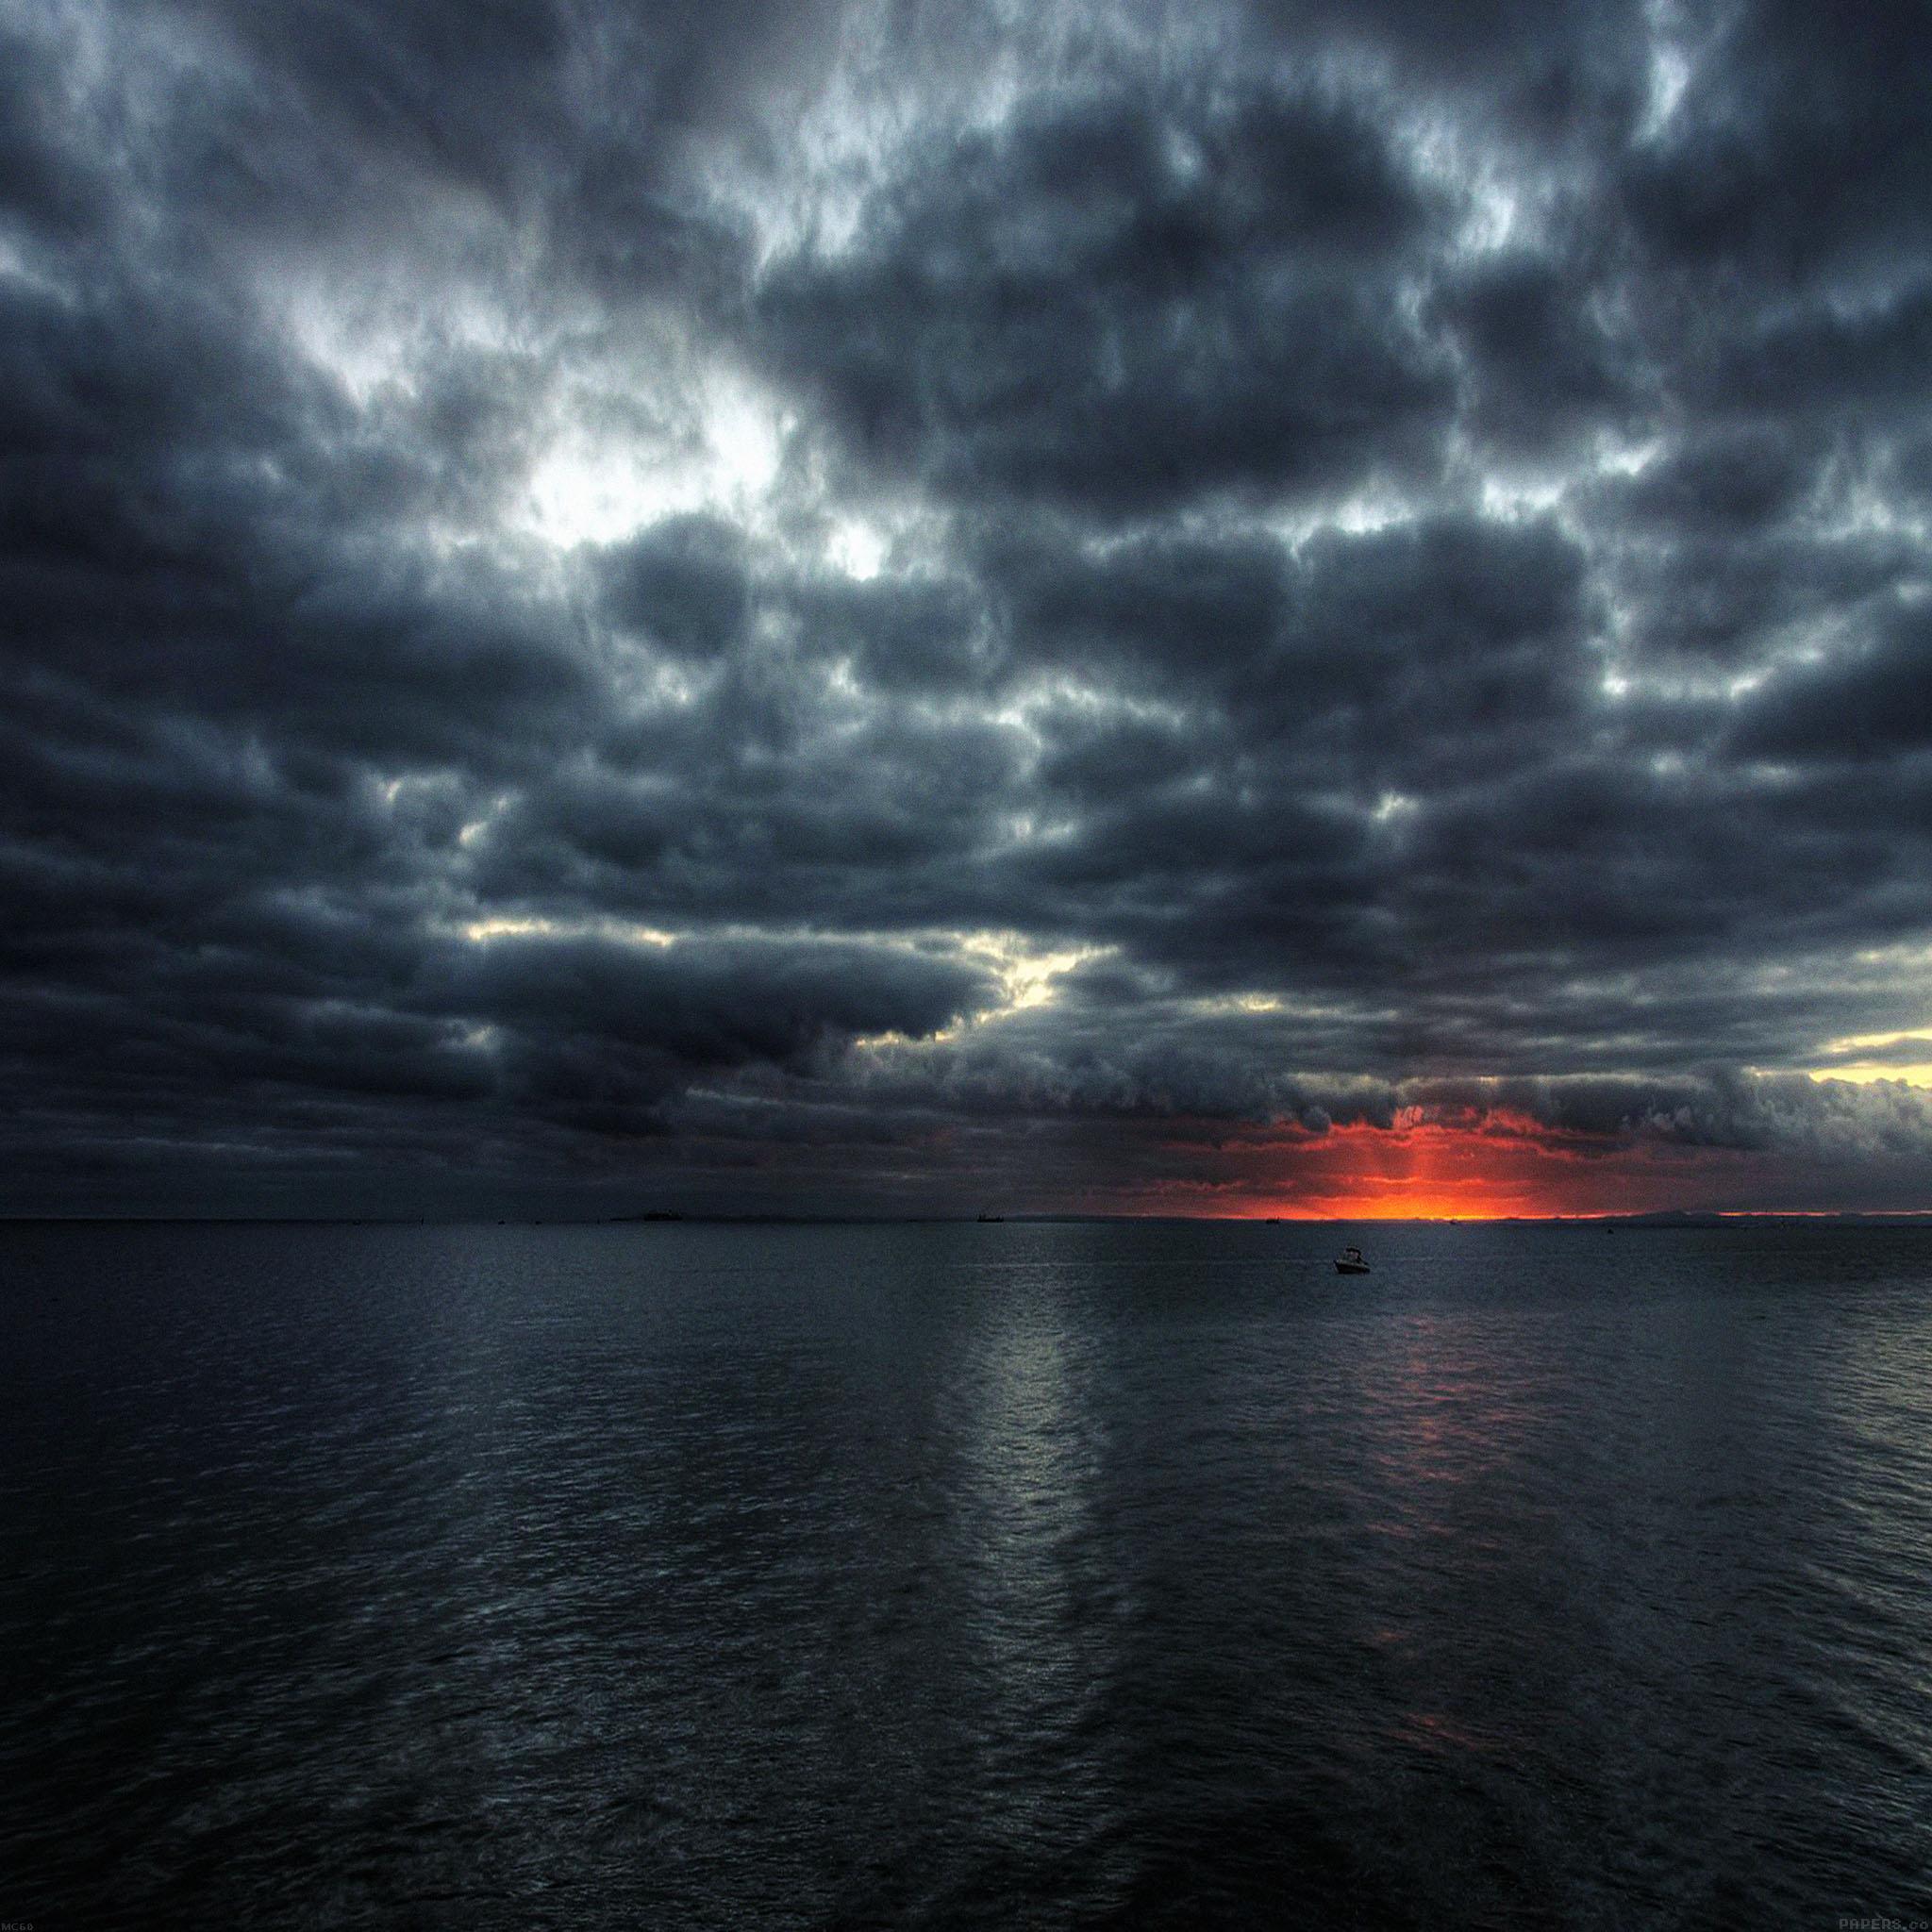 Crazy Iphone 5 Wallpapers Mc60 Wallpaper Dark Sea Storm Night Ocean Papers Co